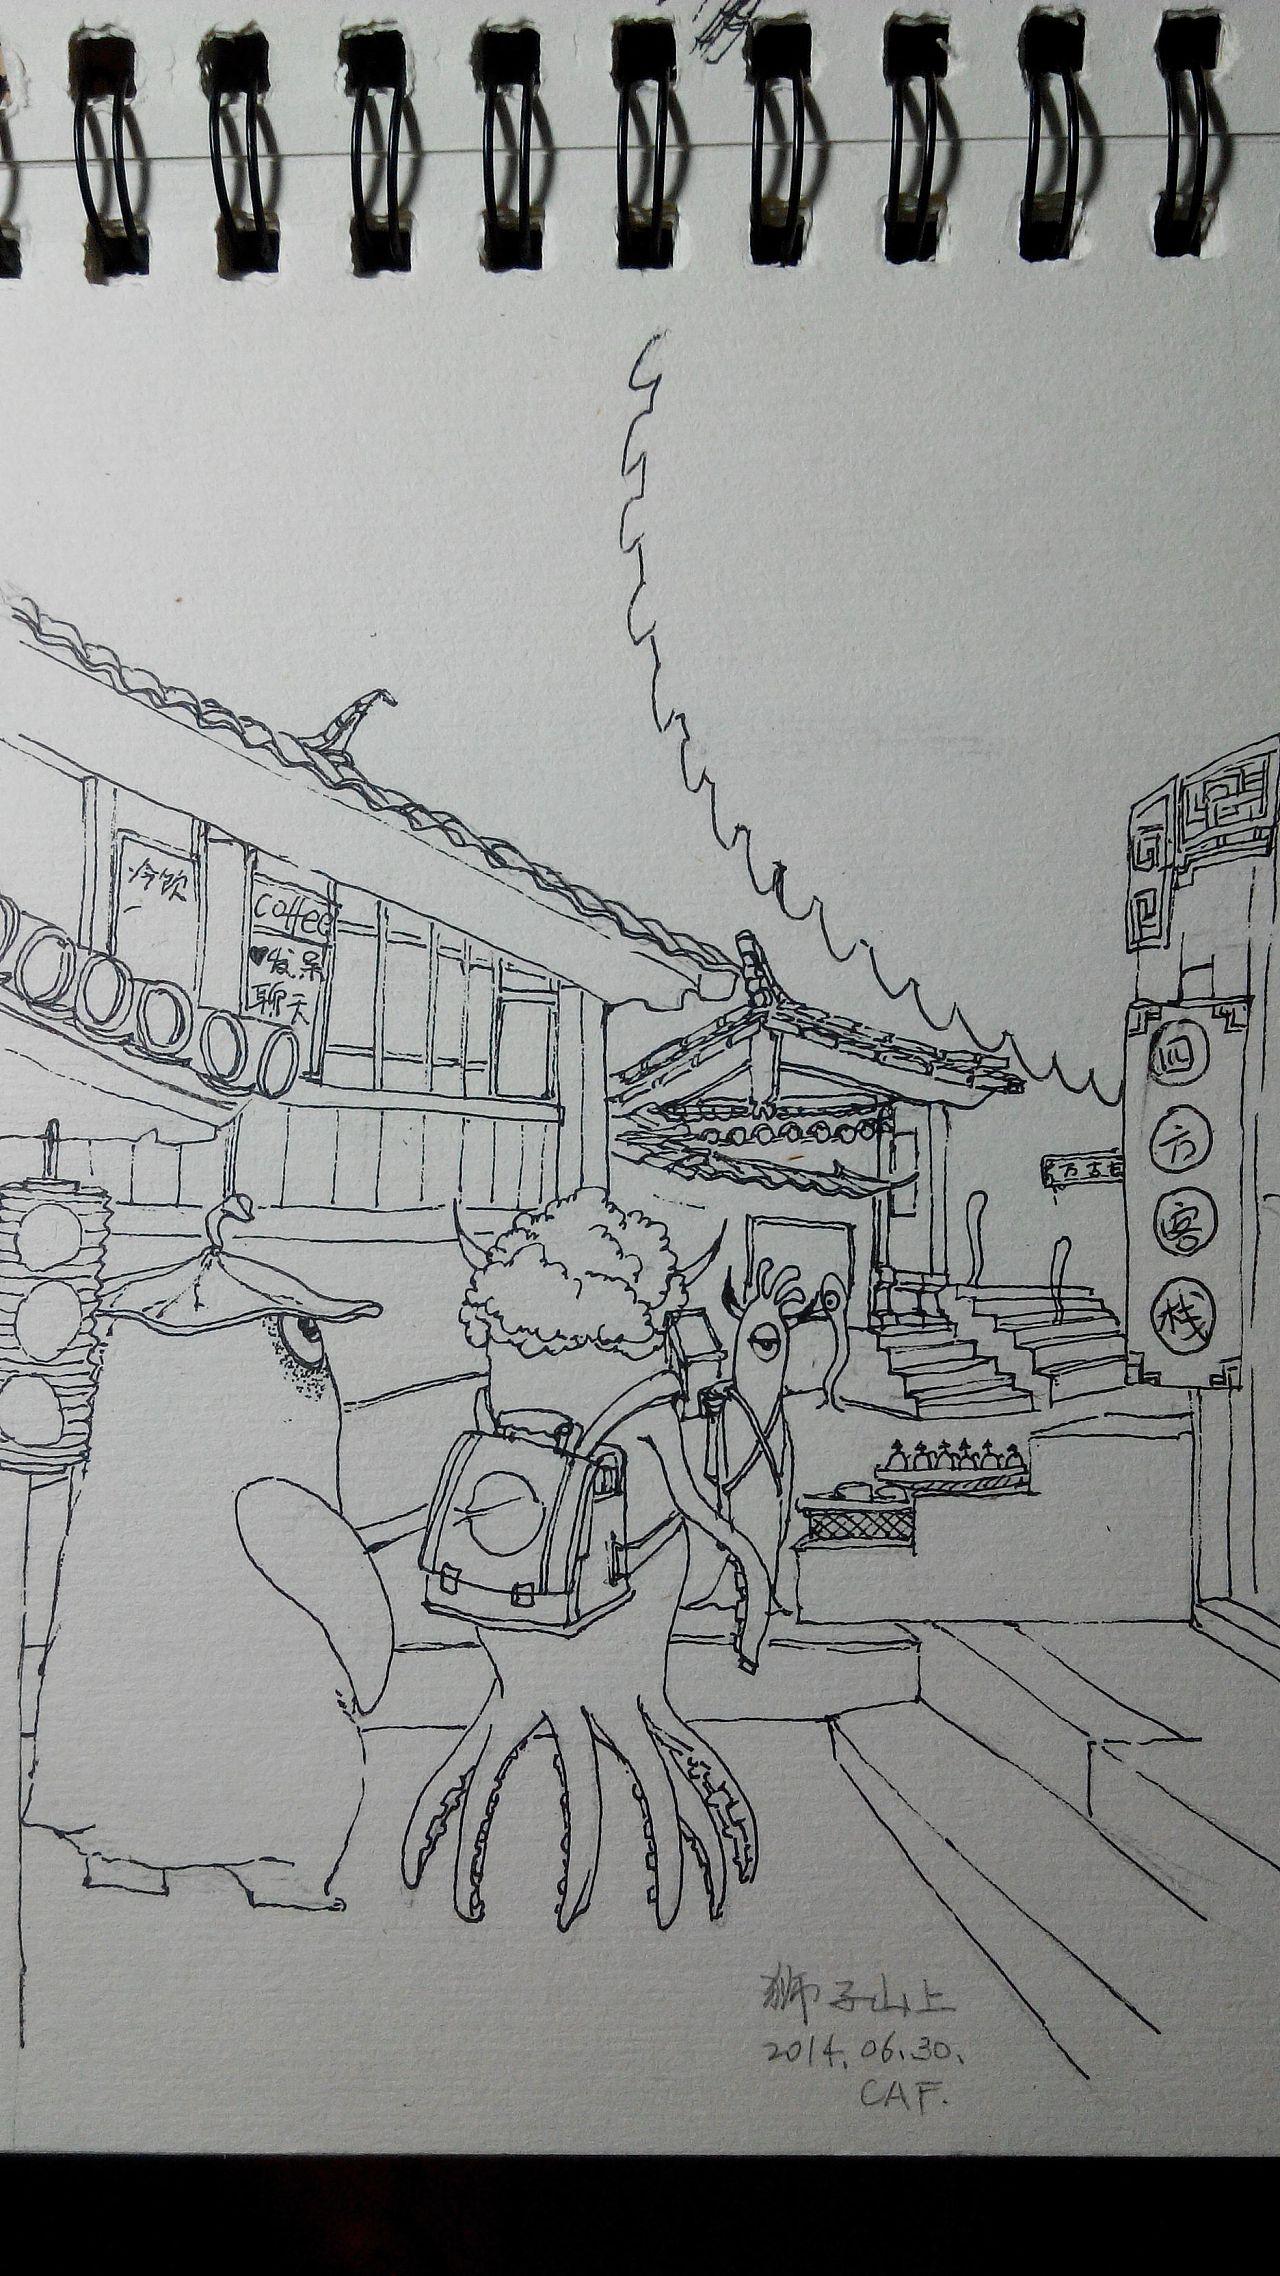 铅笔画场景_原创线描速写--云南之旅 插画 插画习作 蔡琪琪 - 原创作品 - 站酷 ...